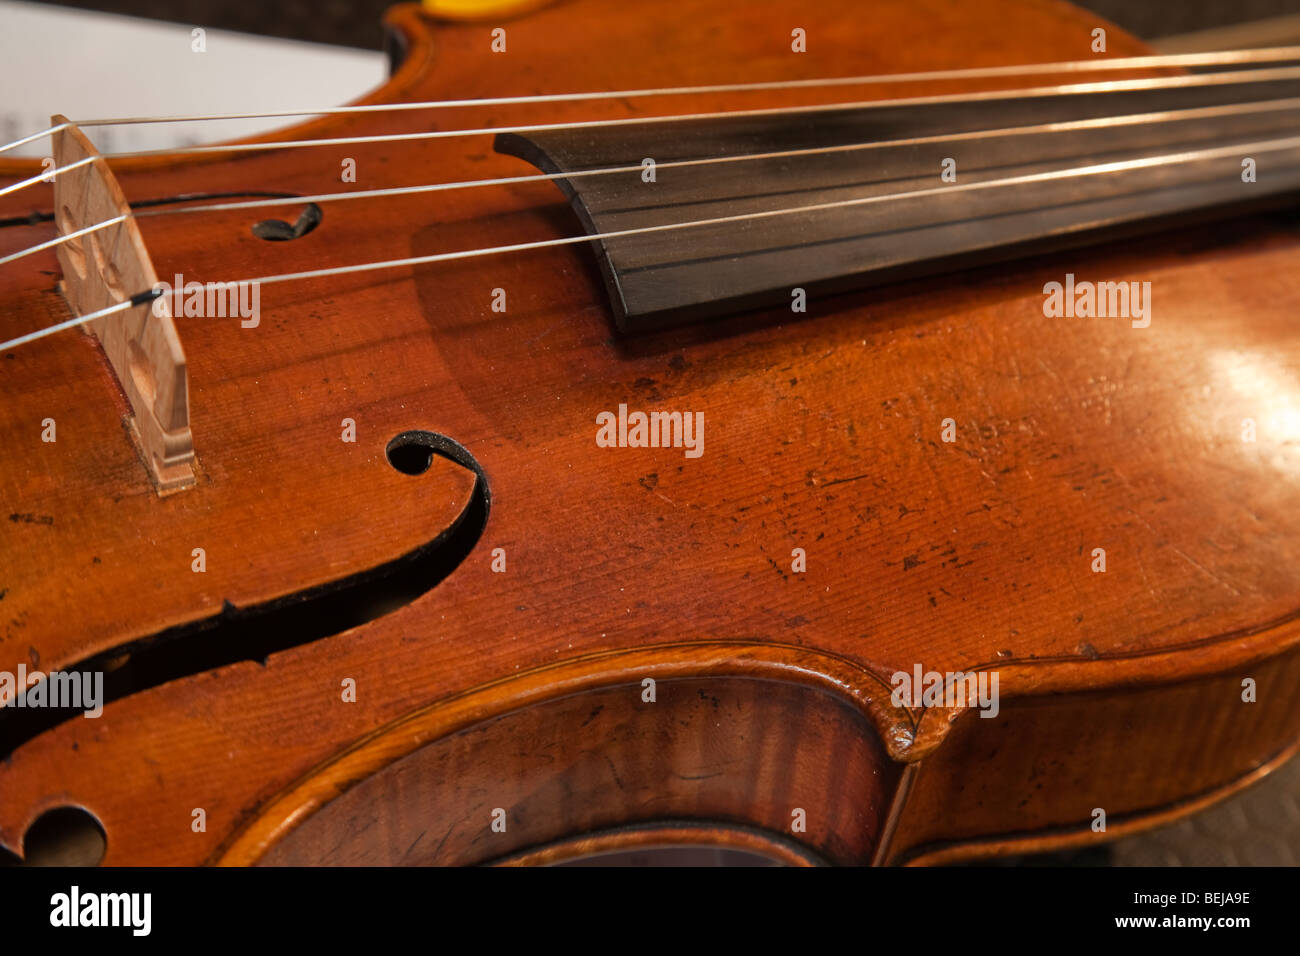 Strumenti musicali violino Immagini Stock